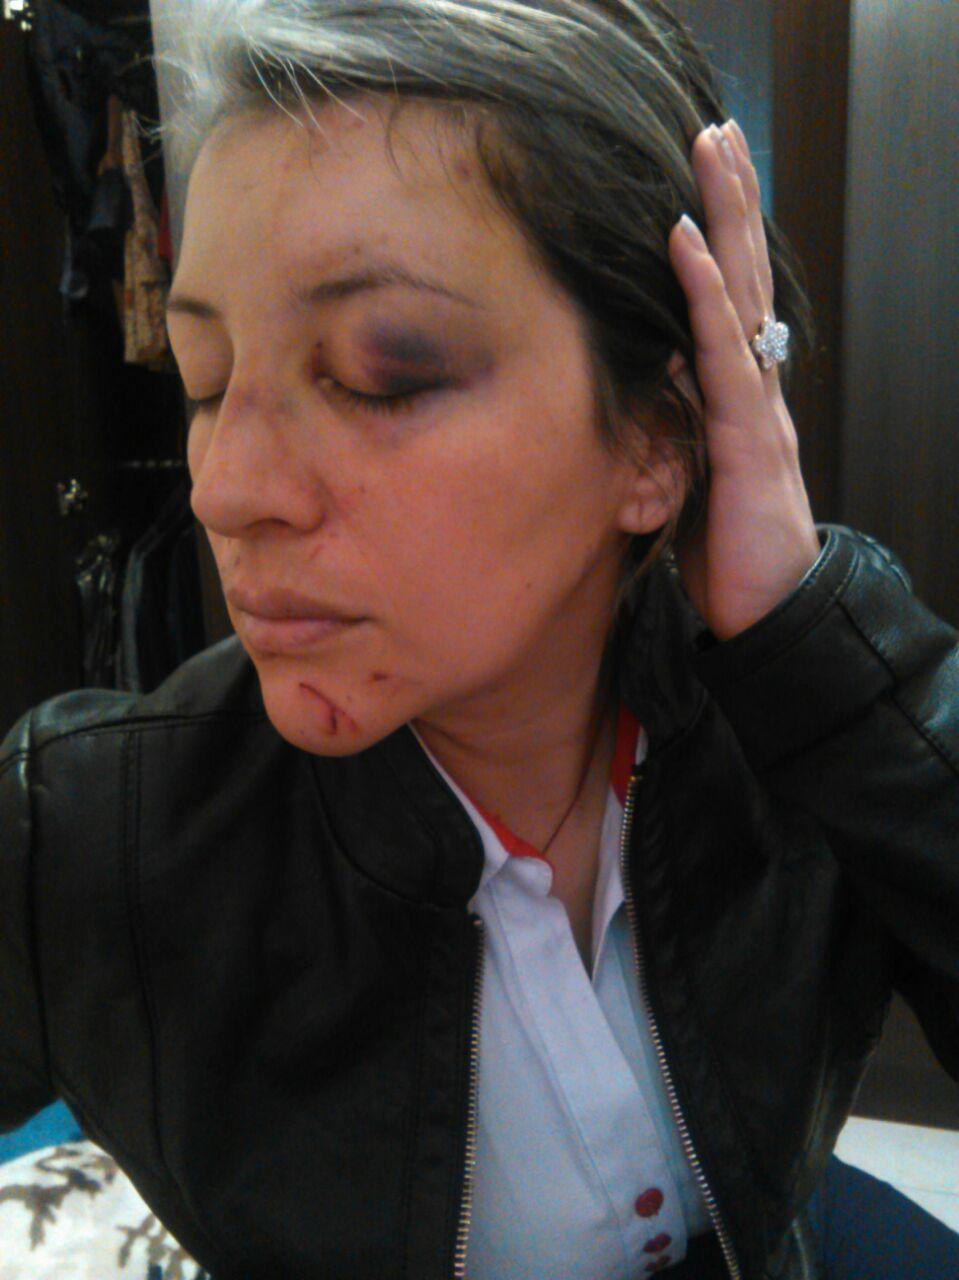 Mujer brutalmente agredida por desconocido en Pasto, denunció su caso